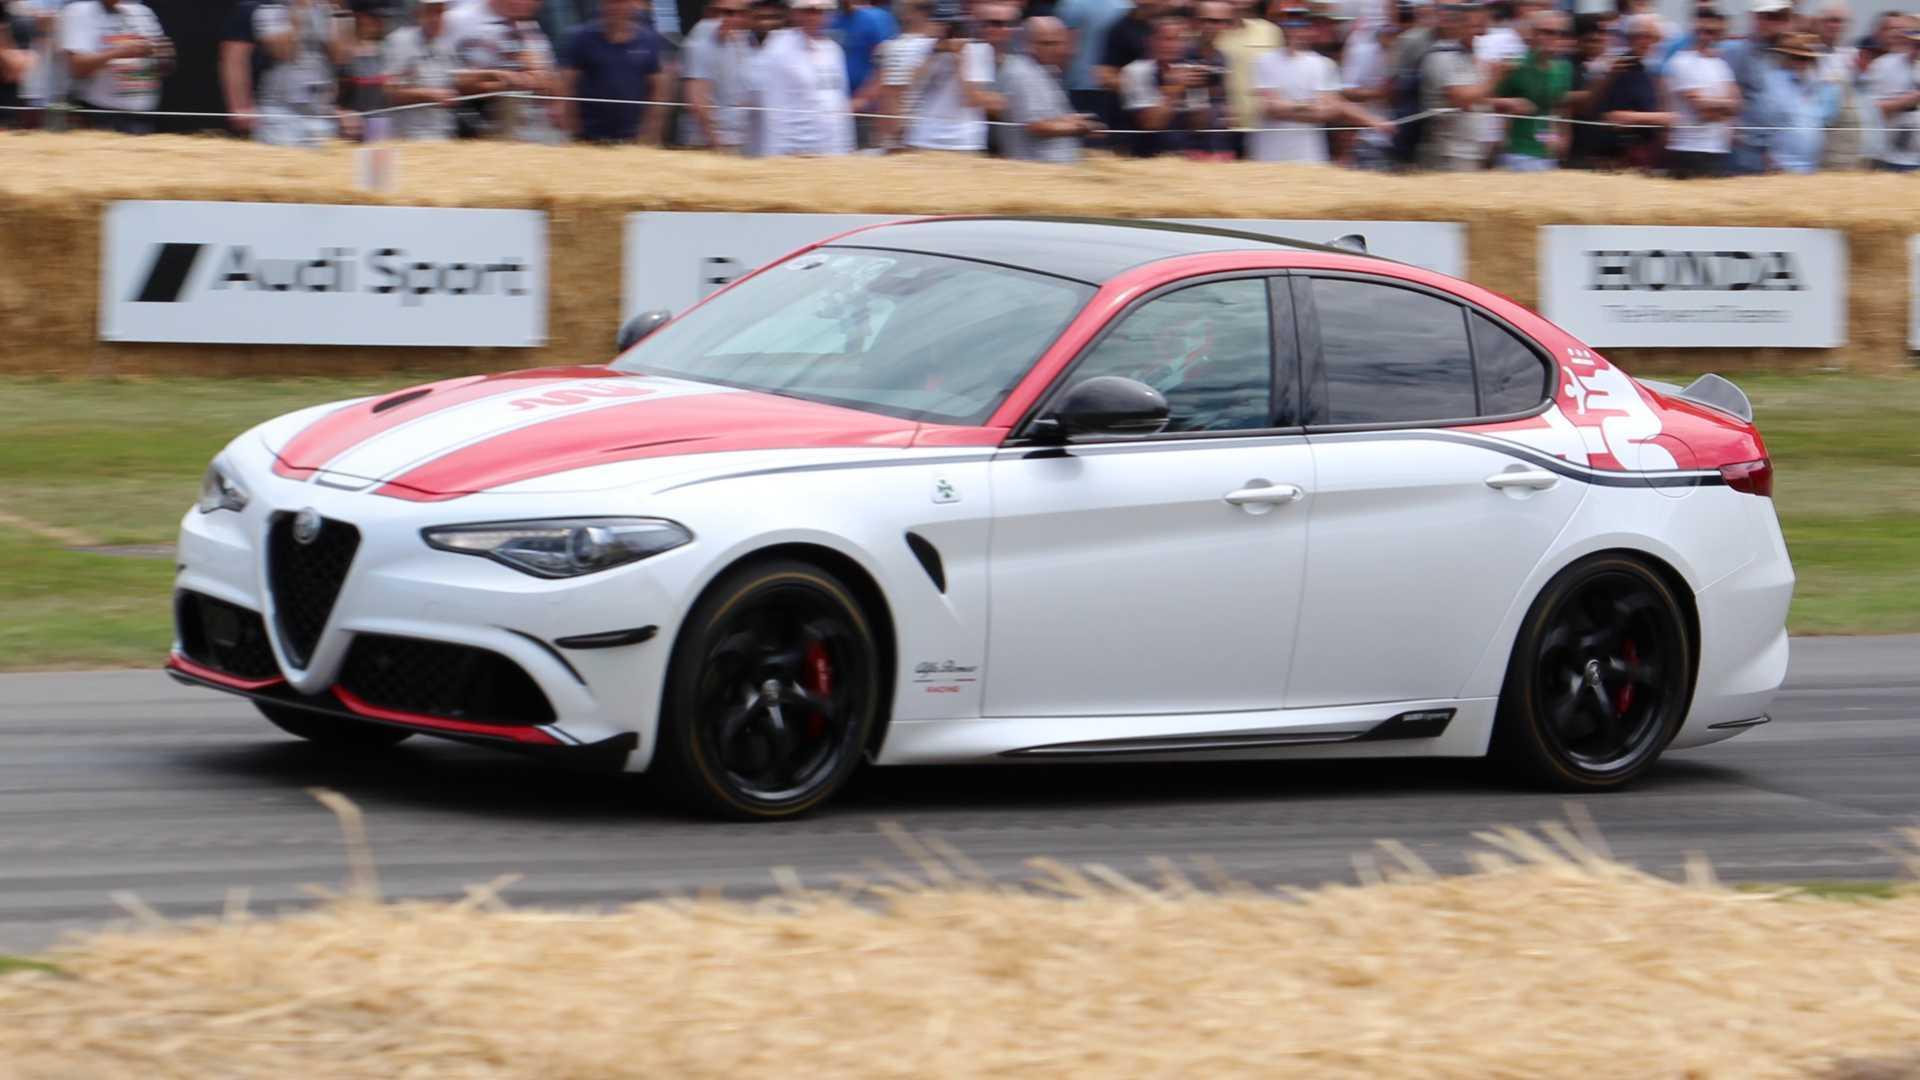 Alfa Romeo Models >> F1 Inspired Alfa Romeo Racing Models Arrive At Goodwood